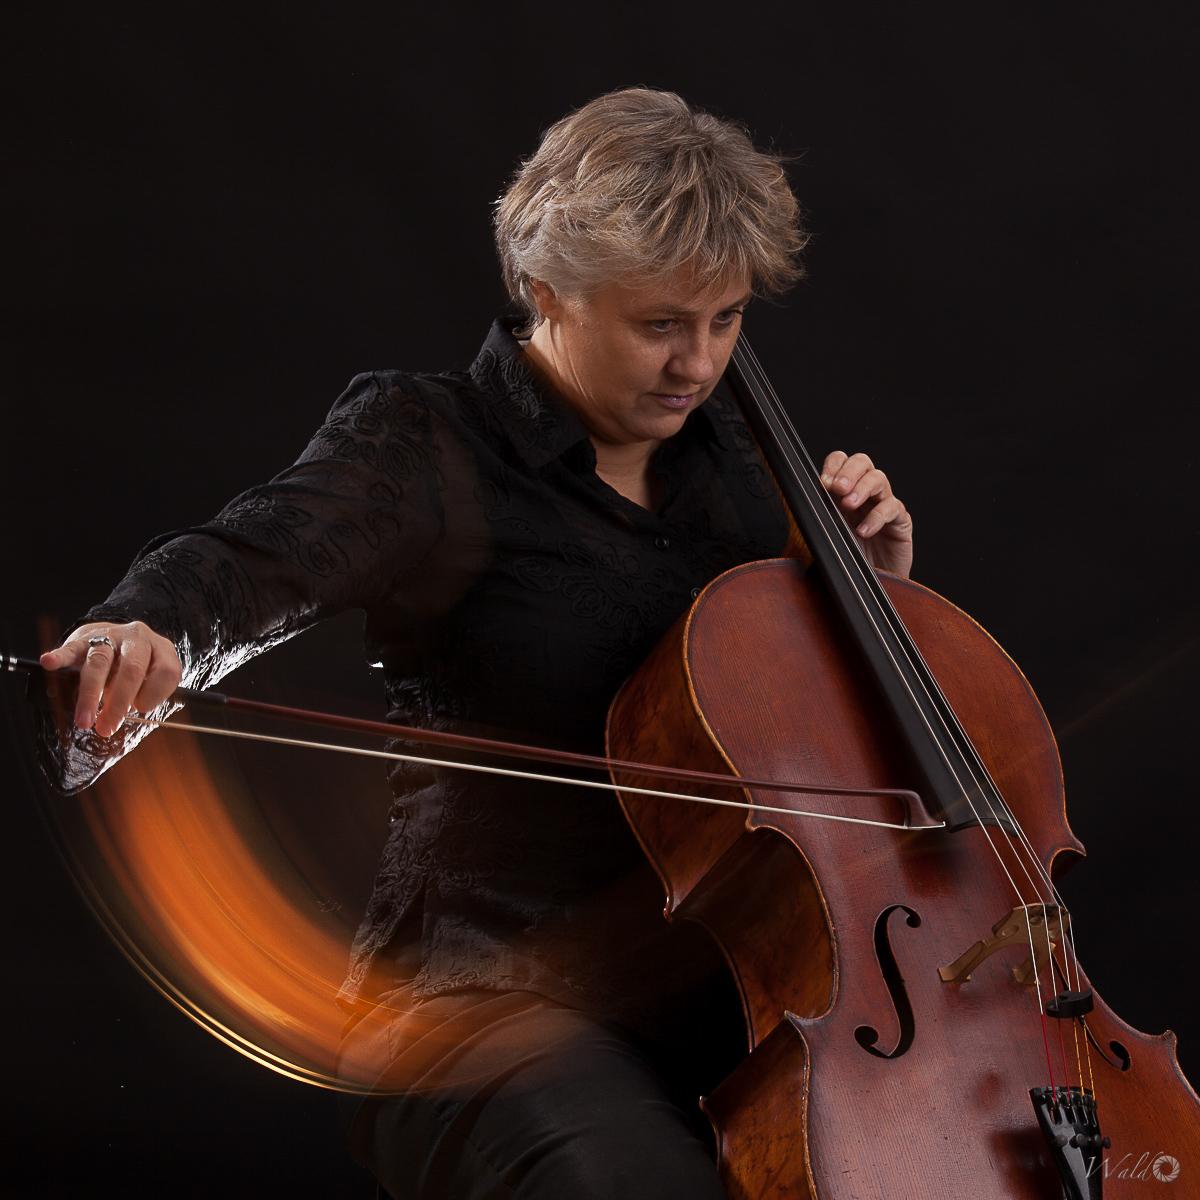 Merel van Eersel, Cello